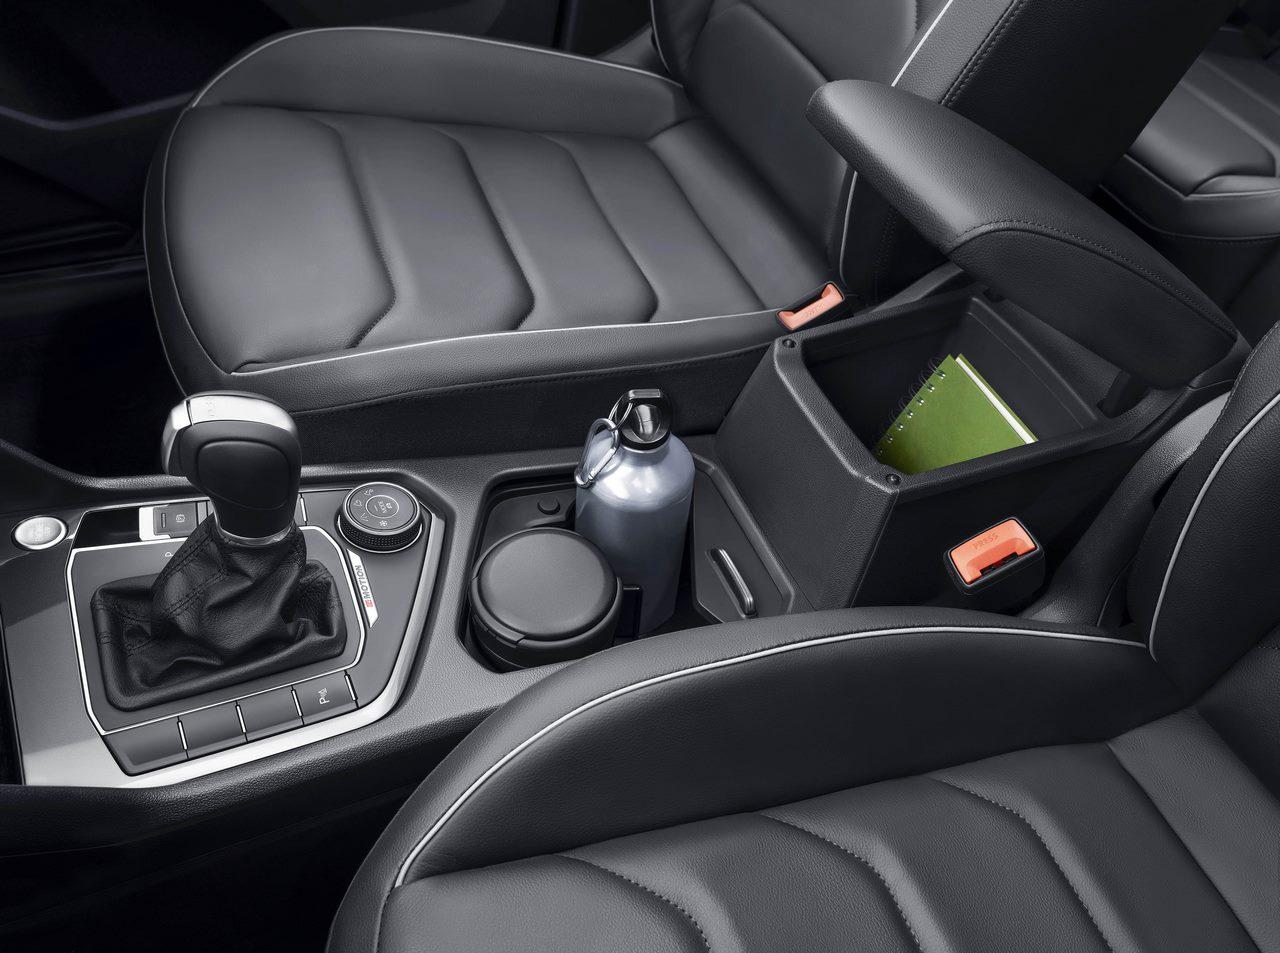 Volkswagen Tiguan studio front seat